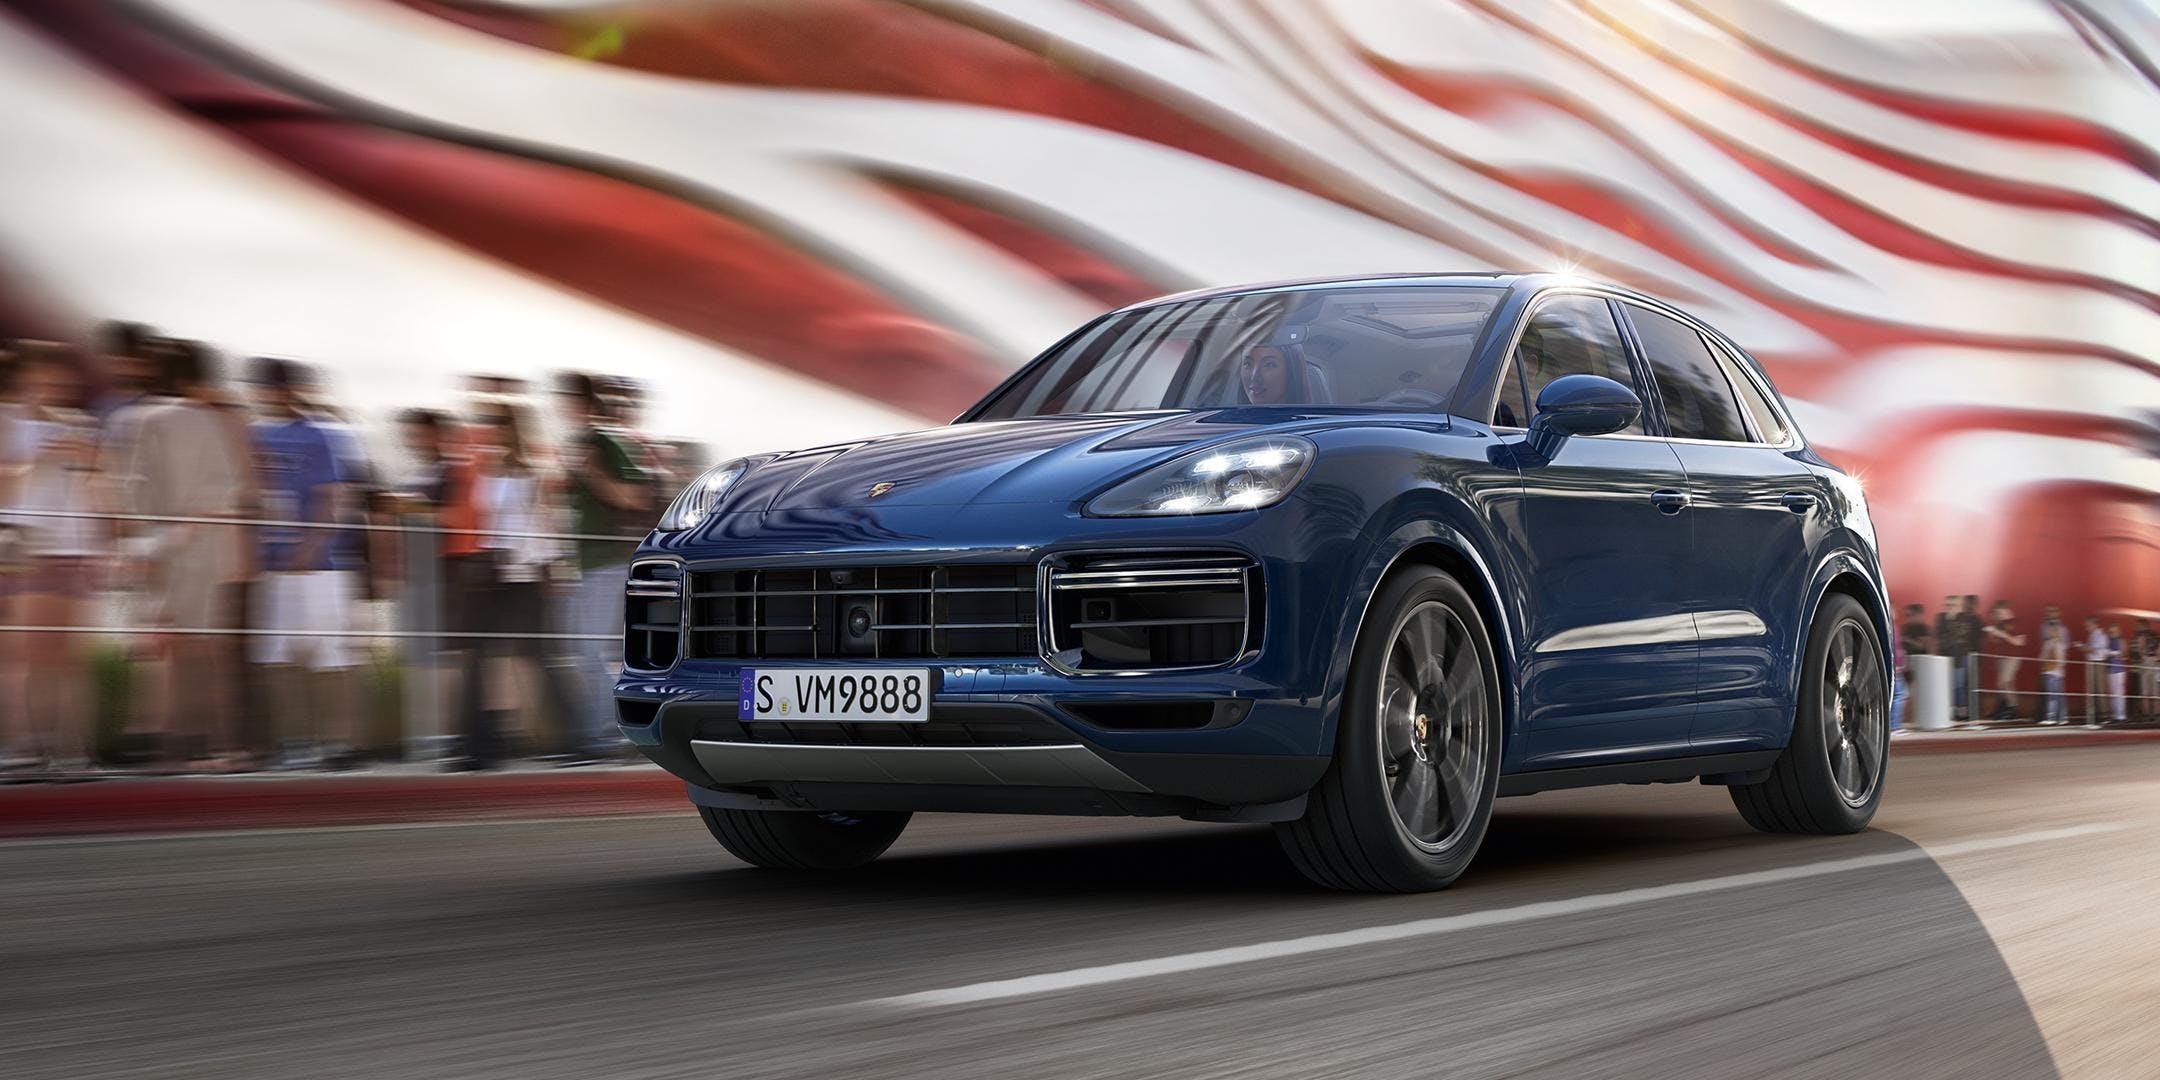 Porsche Of Westwood >> Porsche Cayenne Launch Event At Porsche Westwood Westwood